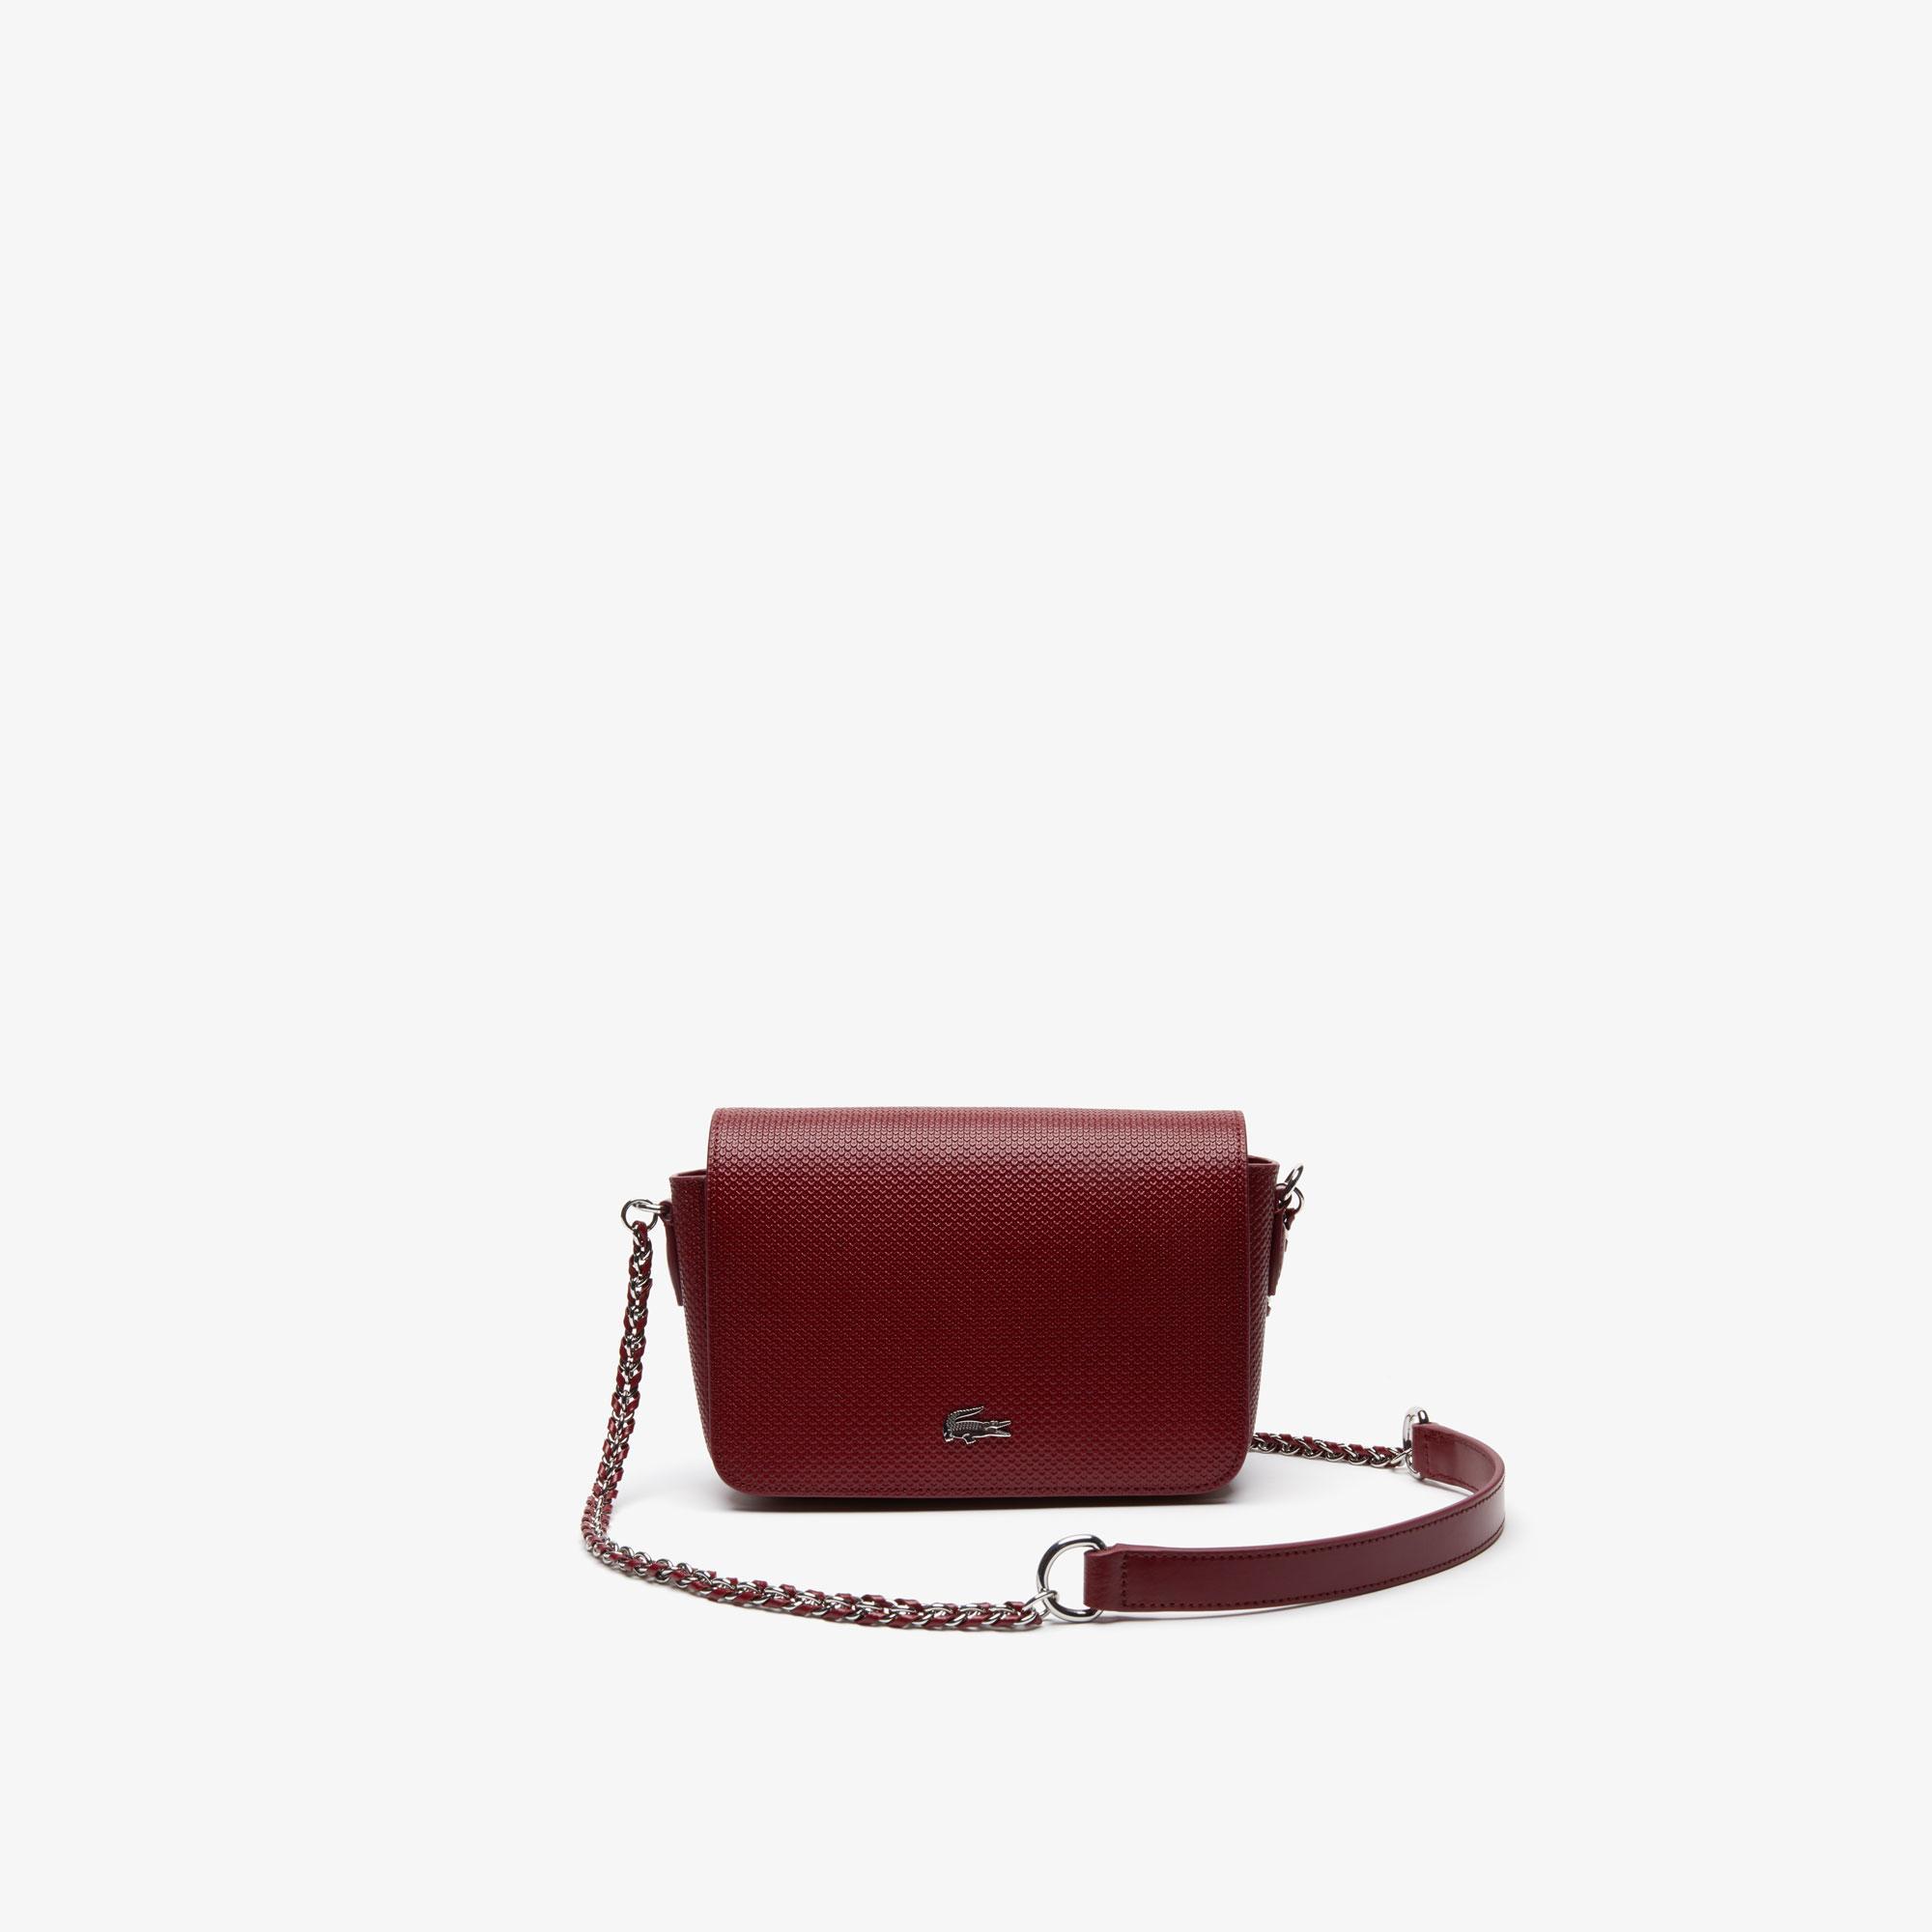 Lacoste Women's Chantaco Piqué Leather Shoulder Bag